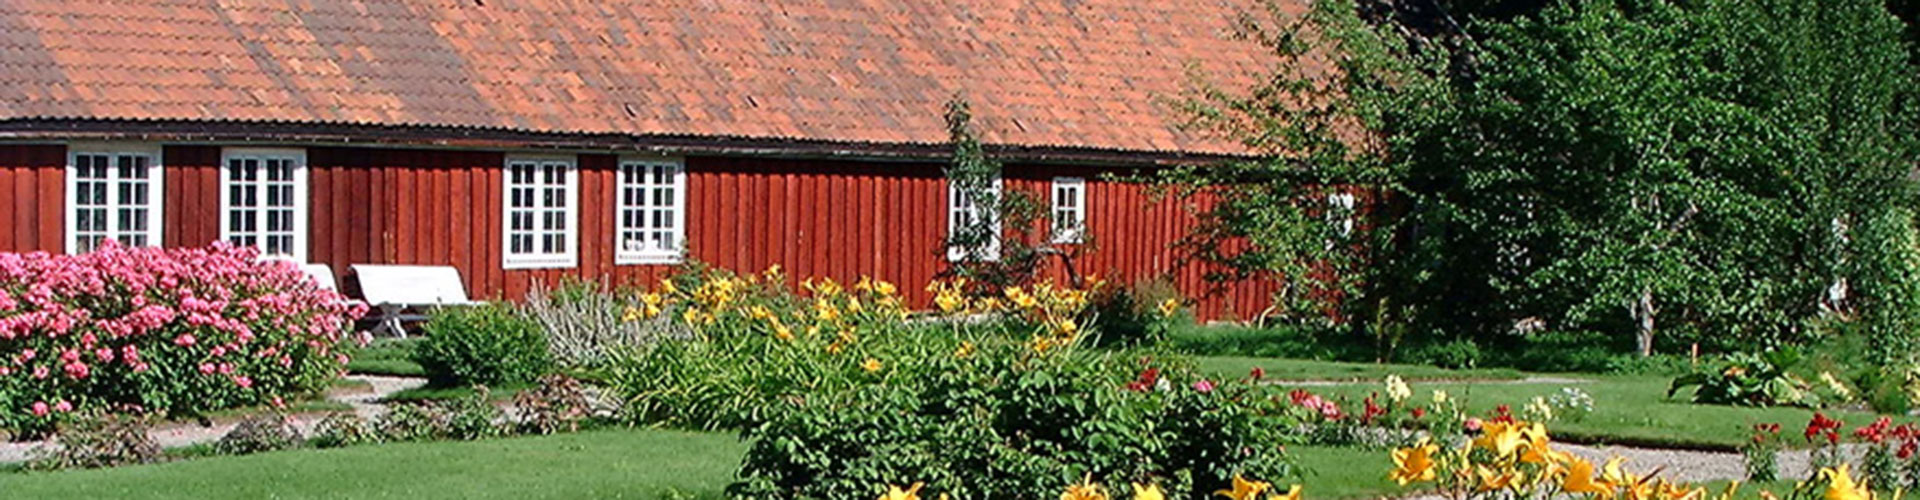 hage-5-foto-Mekonnen-Vestfoldmuseene2001